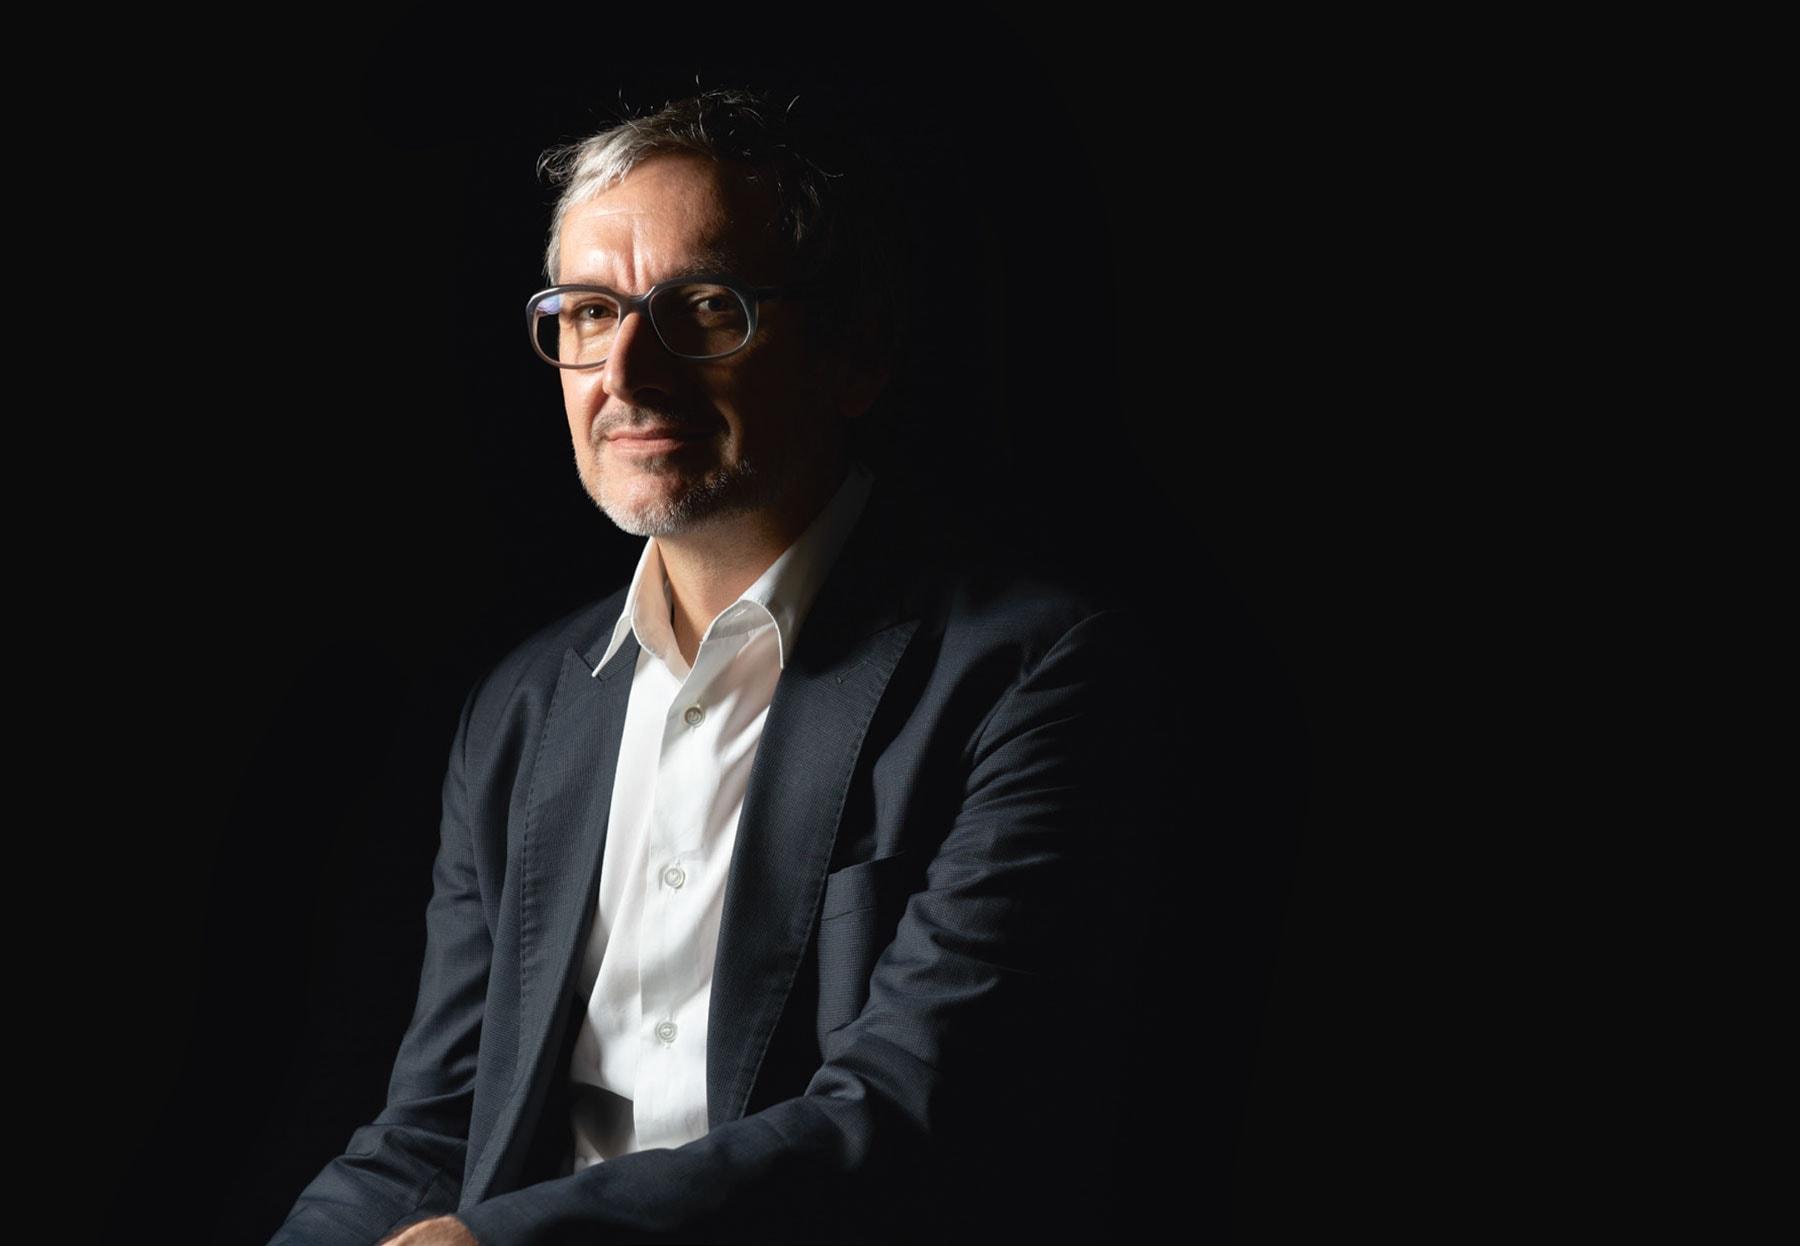 Portrait eines Architekten mit kräftiger Hornbrille vor Schwarz